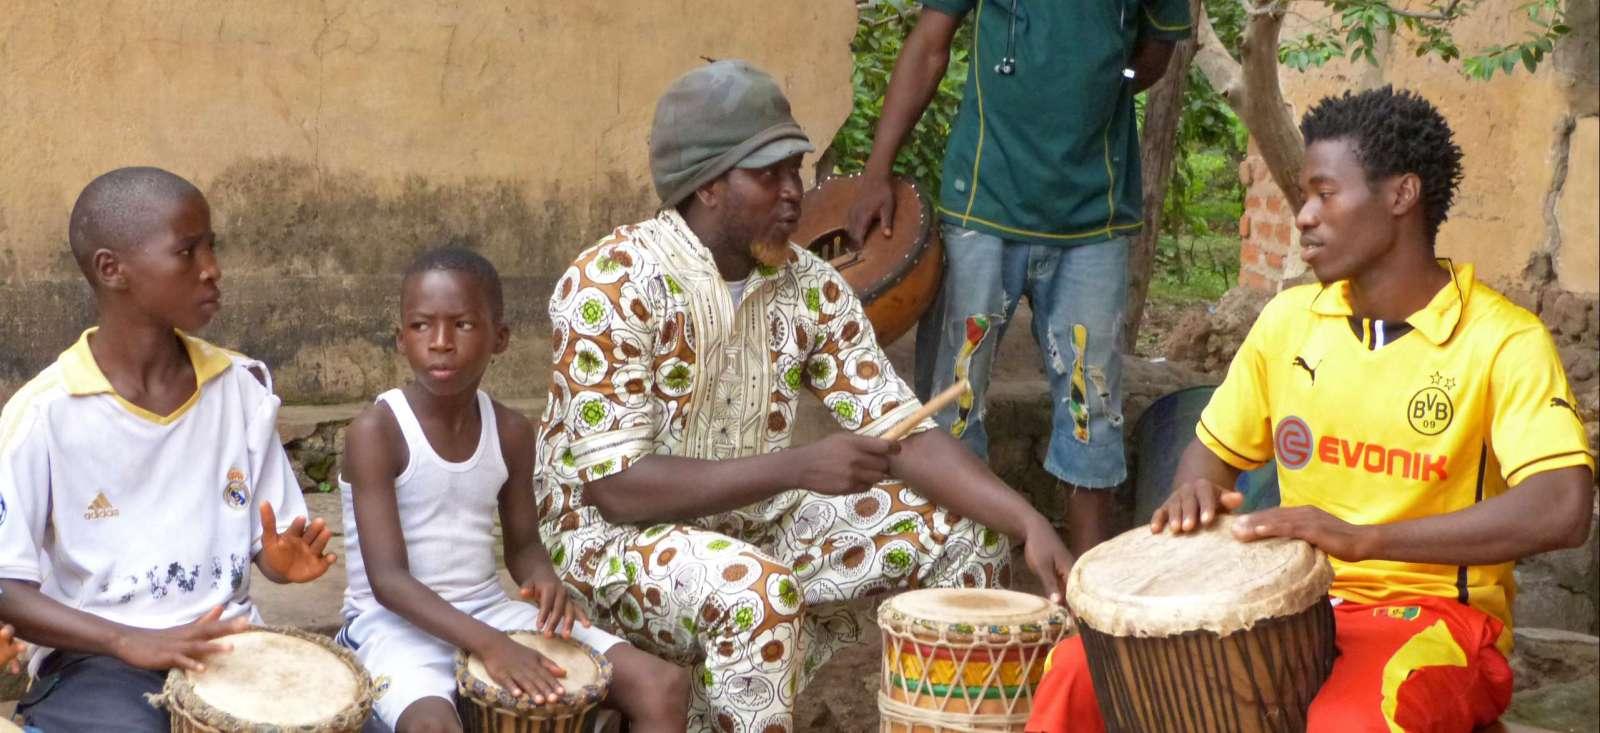 Voyage à pied : La Guinée, musique et danse traditionnelle !